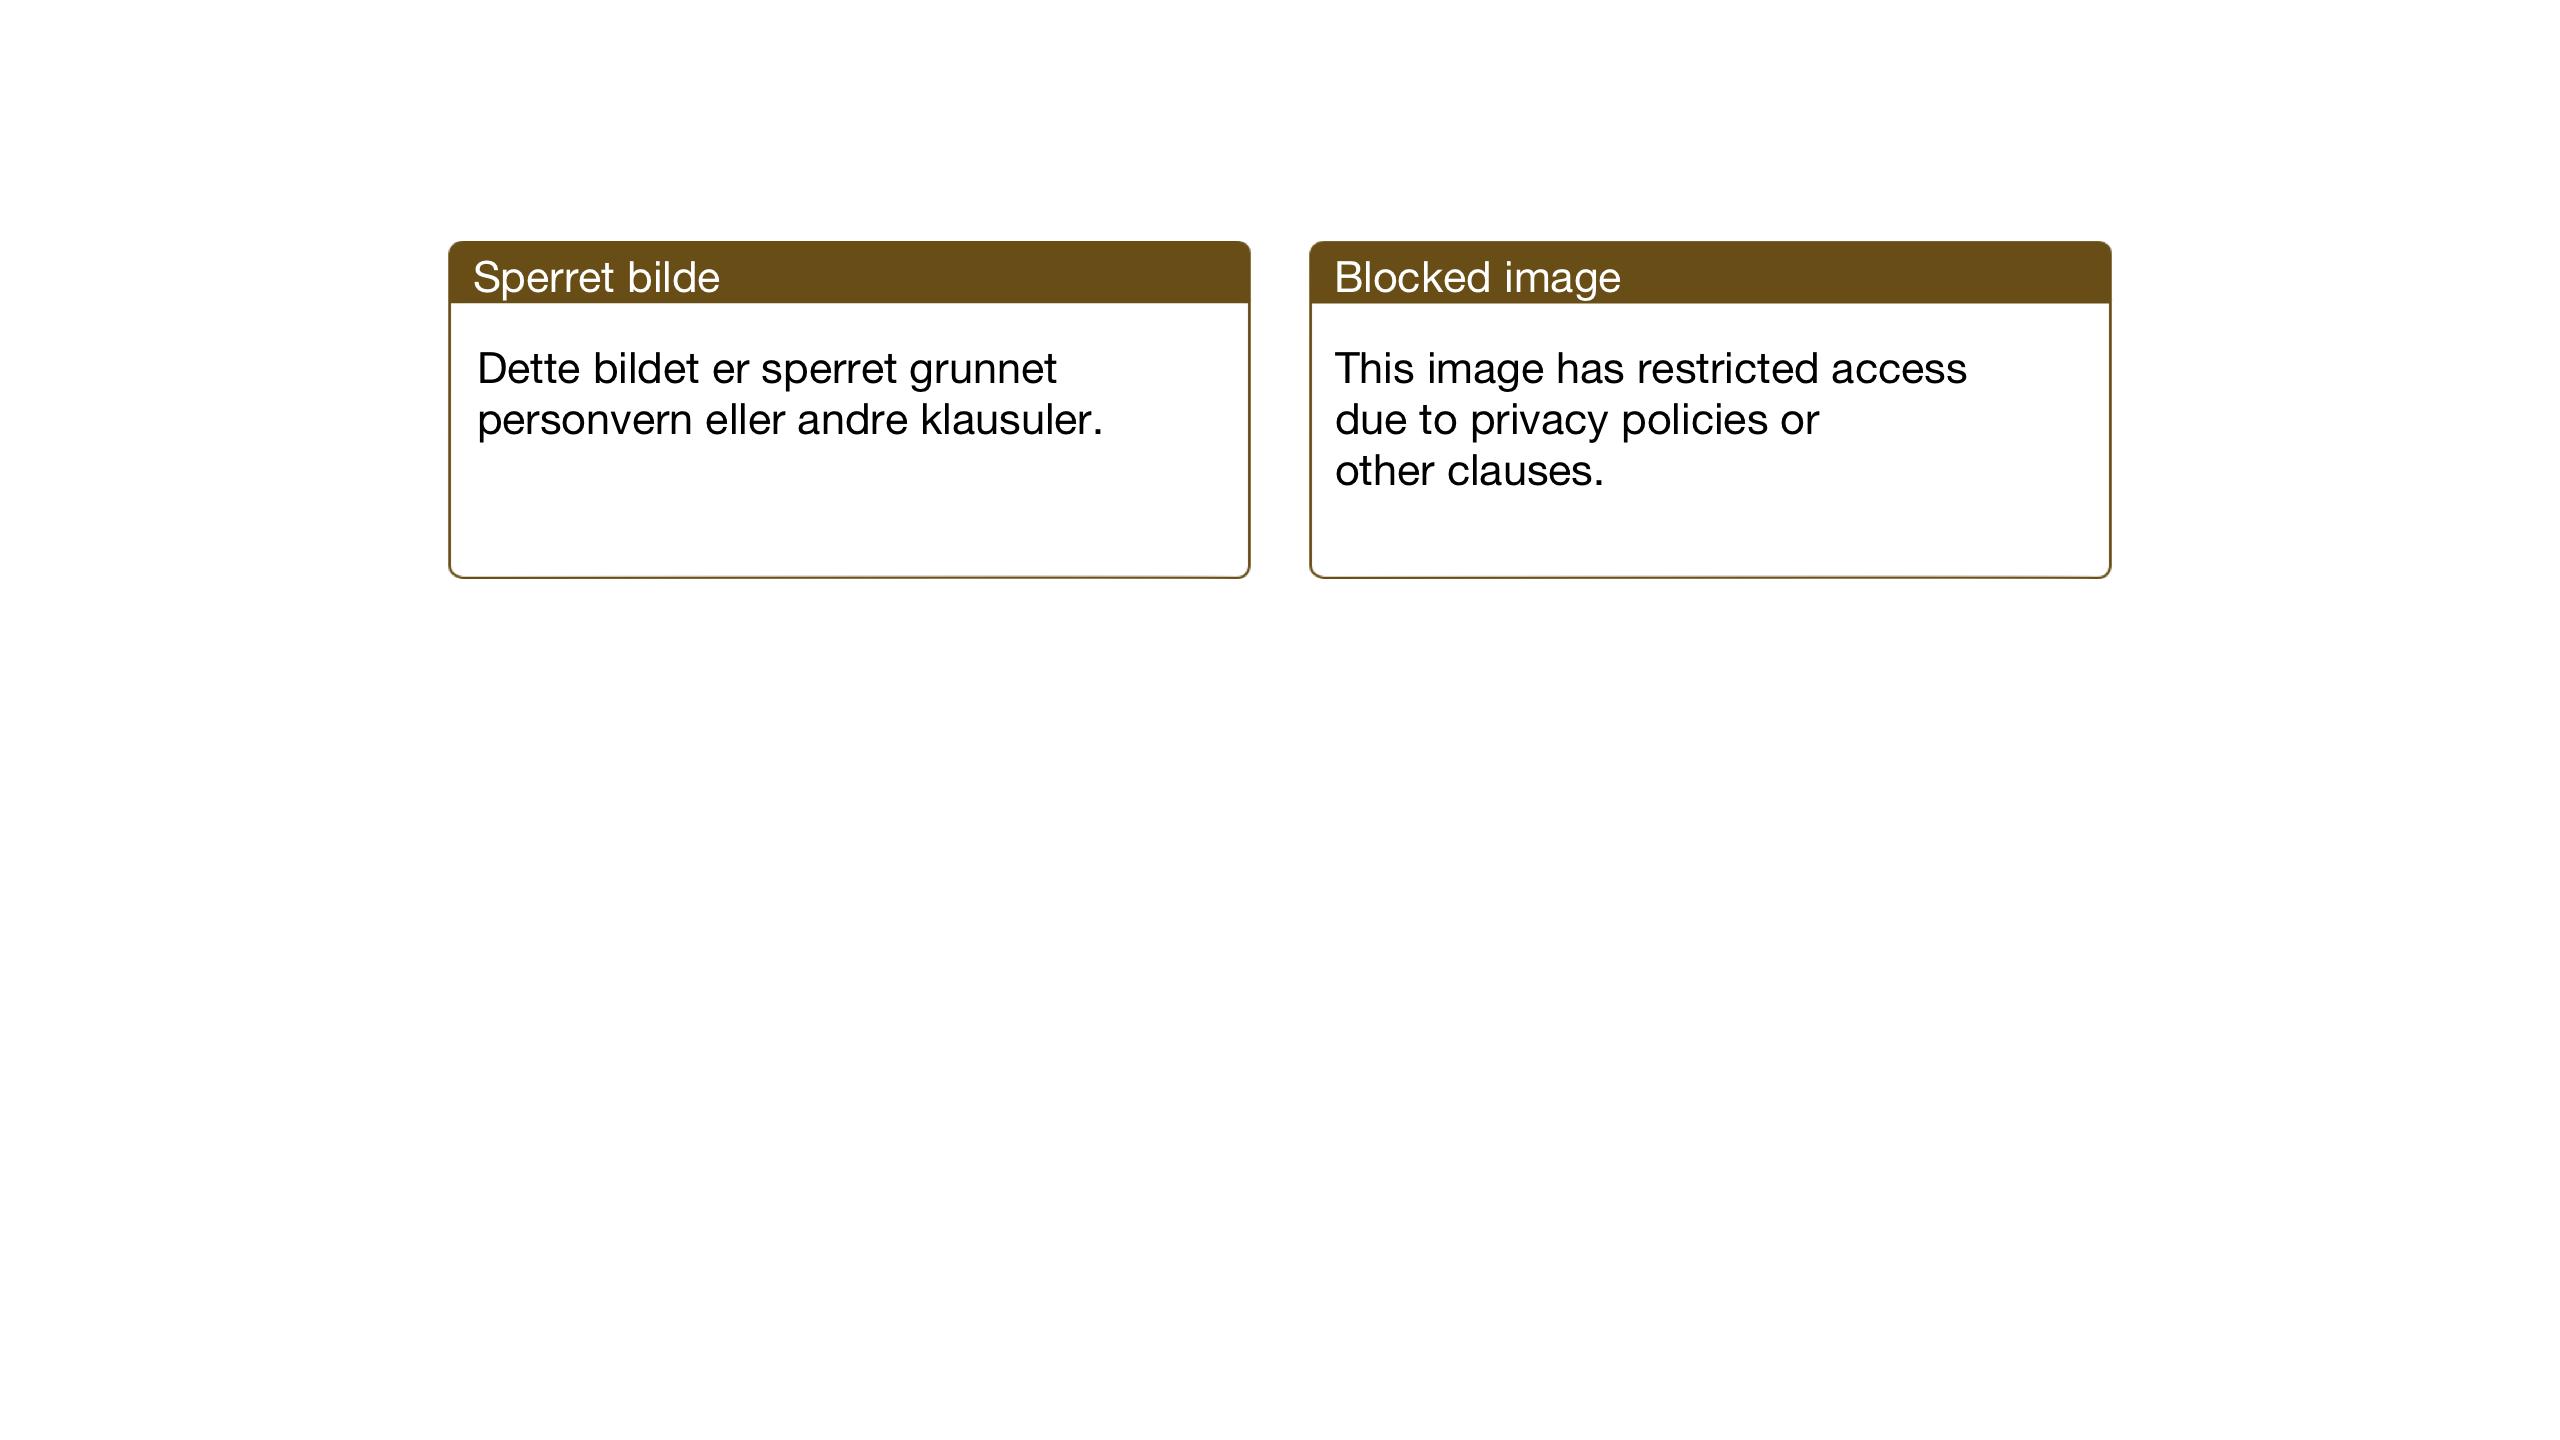 SAT, Ministerialprotokoller, klokkerbøker og fødselsregistre - Sør-Trøndelag, 681/L0944: Klokkerbok nr. 681C08, 1926-1954, s. 52